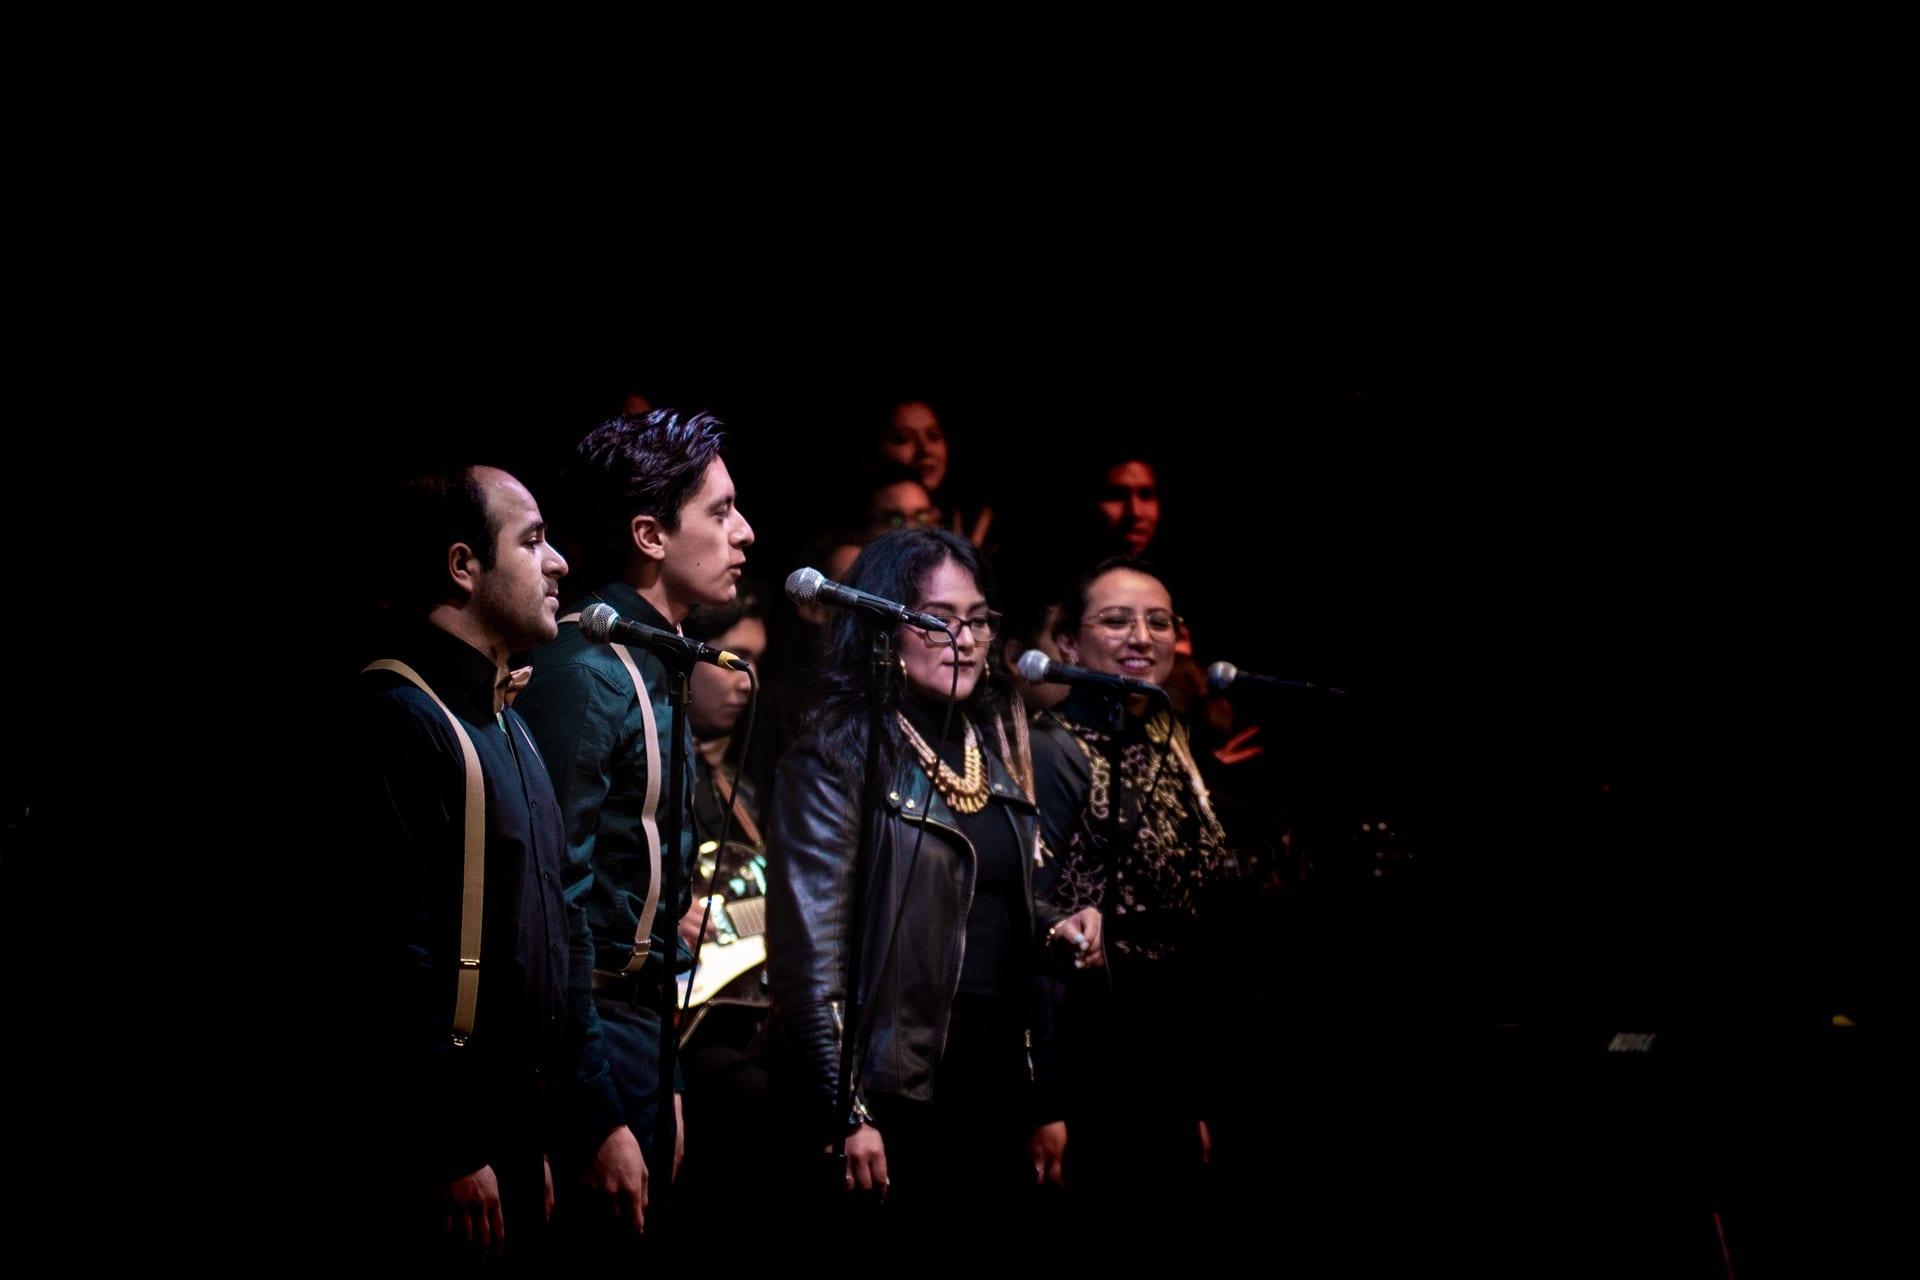 harmonies choir on stage